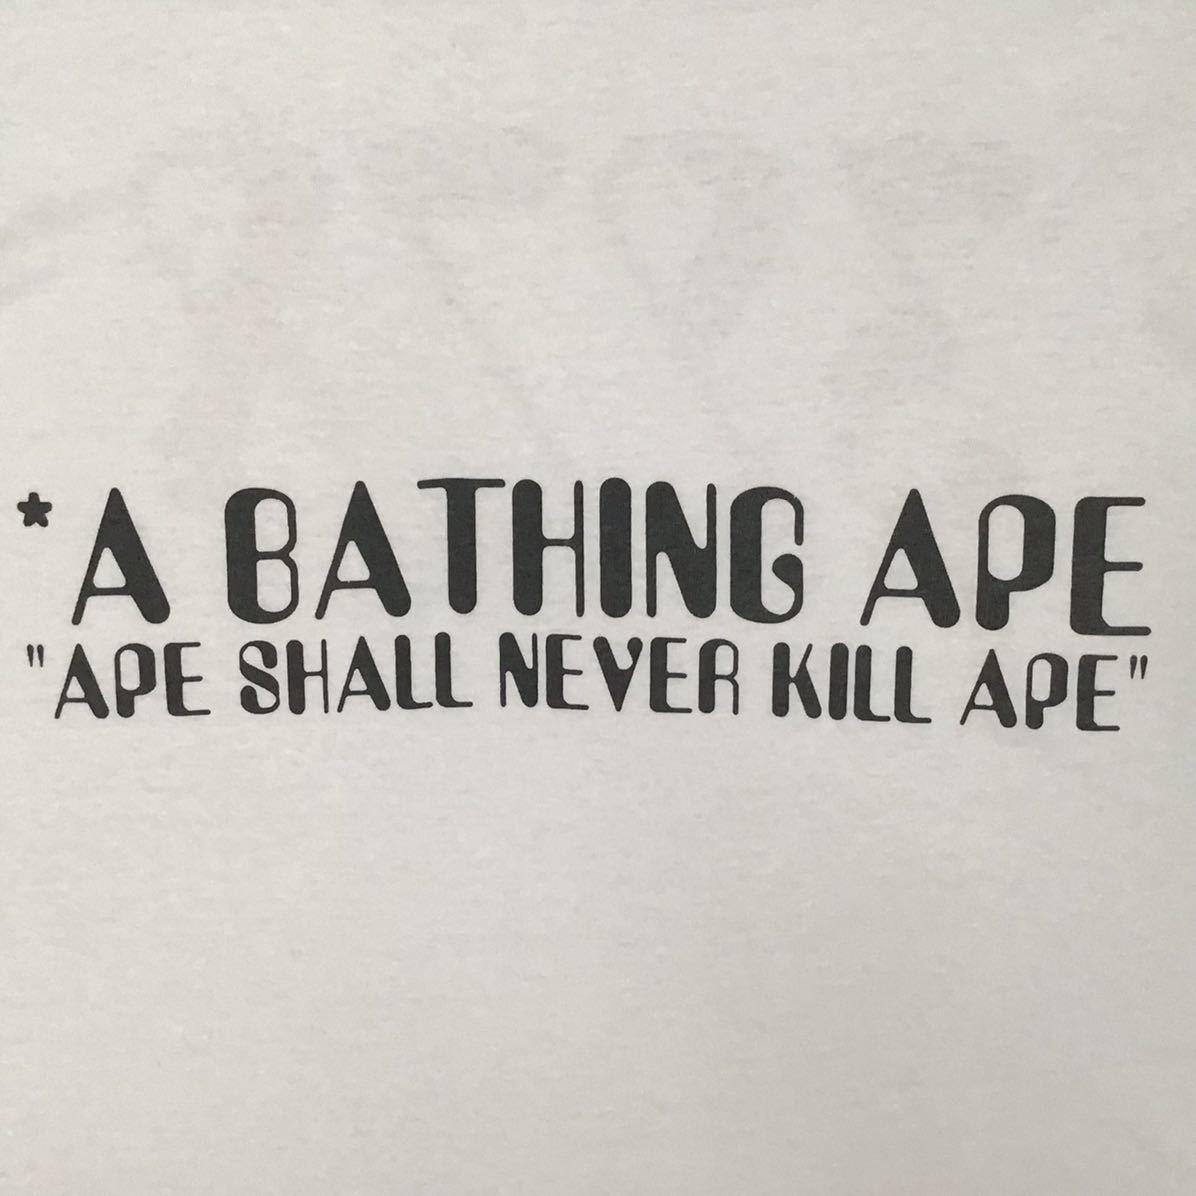 ★200着限定★ 猿の惑星 3978年 Tシャツ Mサイズ a bathing ape BAPE vintage planet of the apes NIGO oneita 裏原宿 エイプ ベイプ 90s